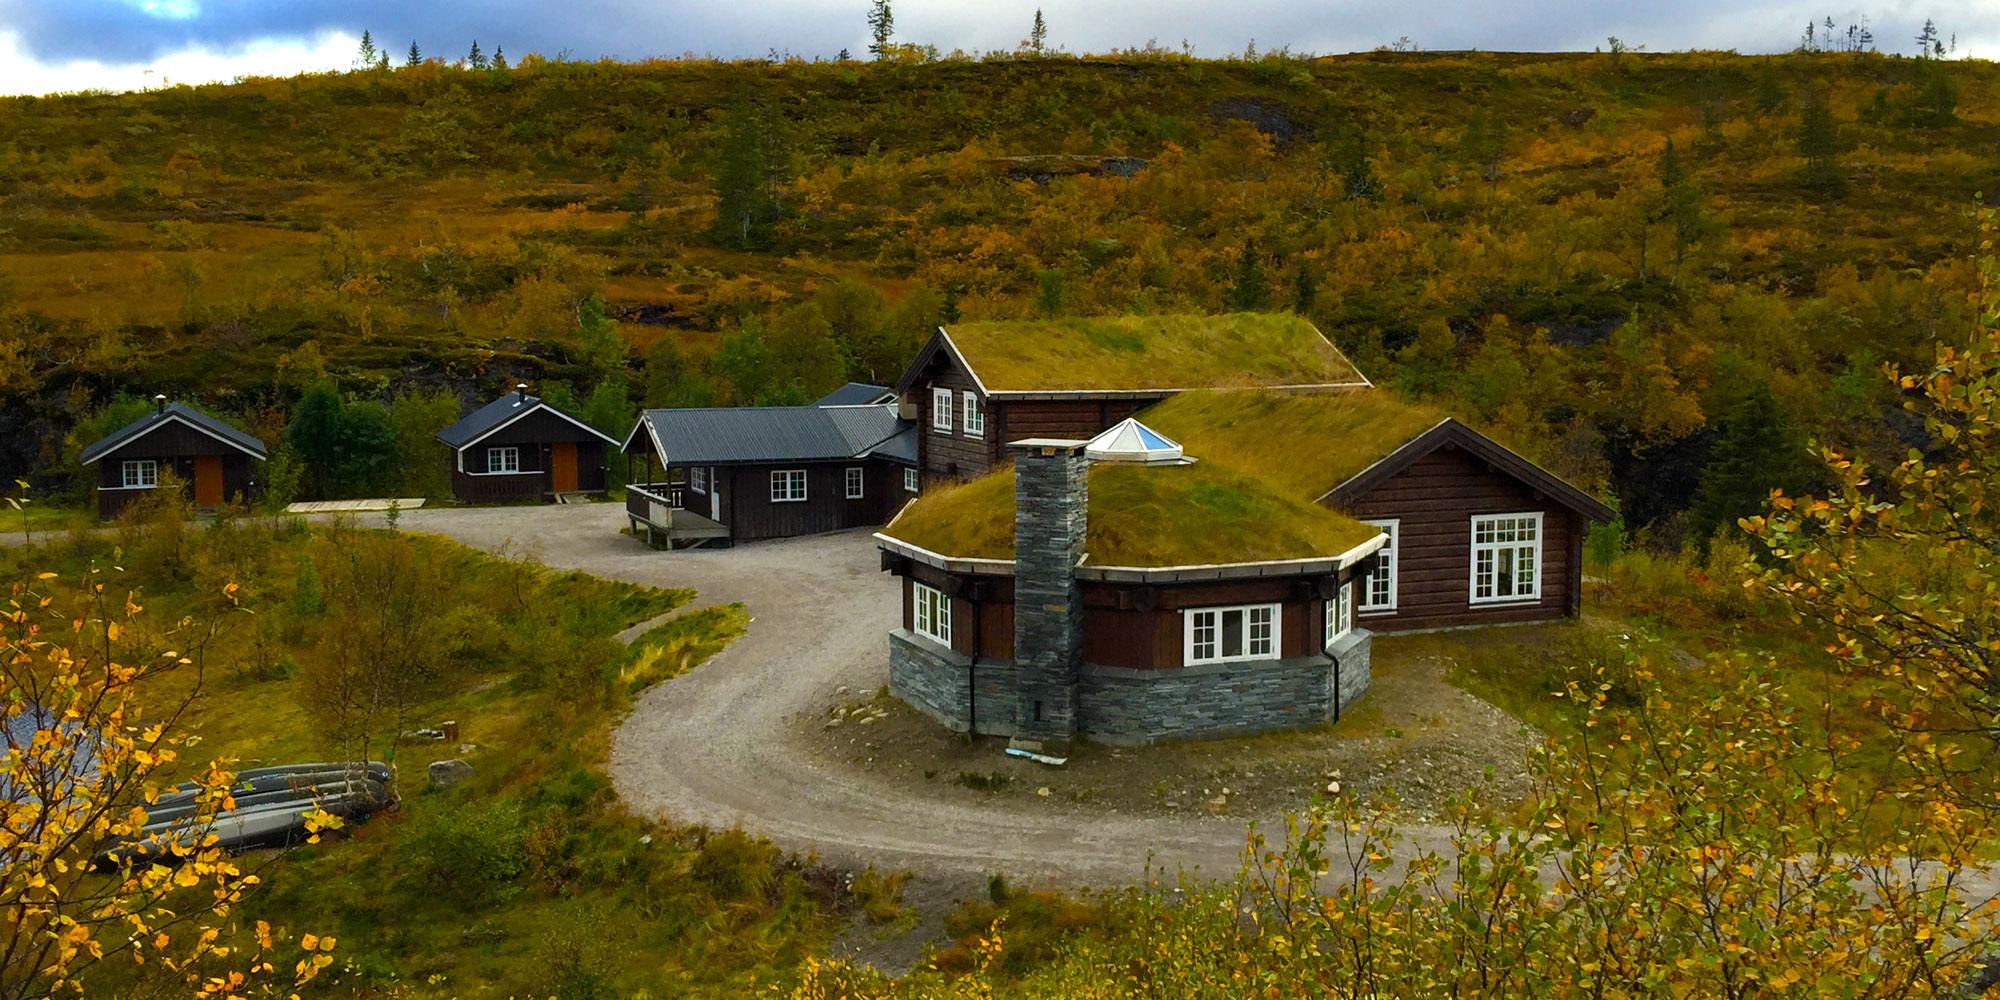 Ismenningen Lodge & Hytteutleie Hele annlegget. Copyright: Ismenningen